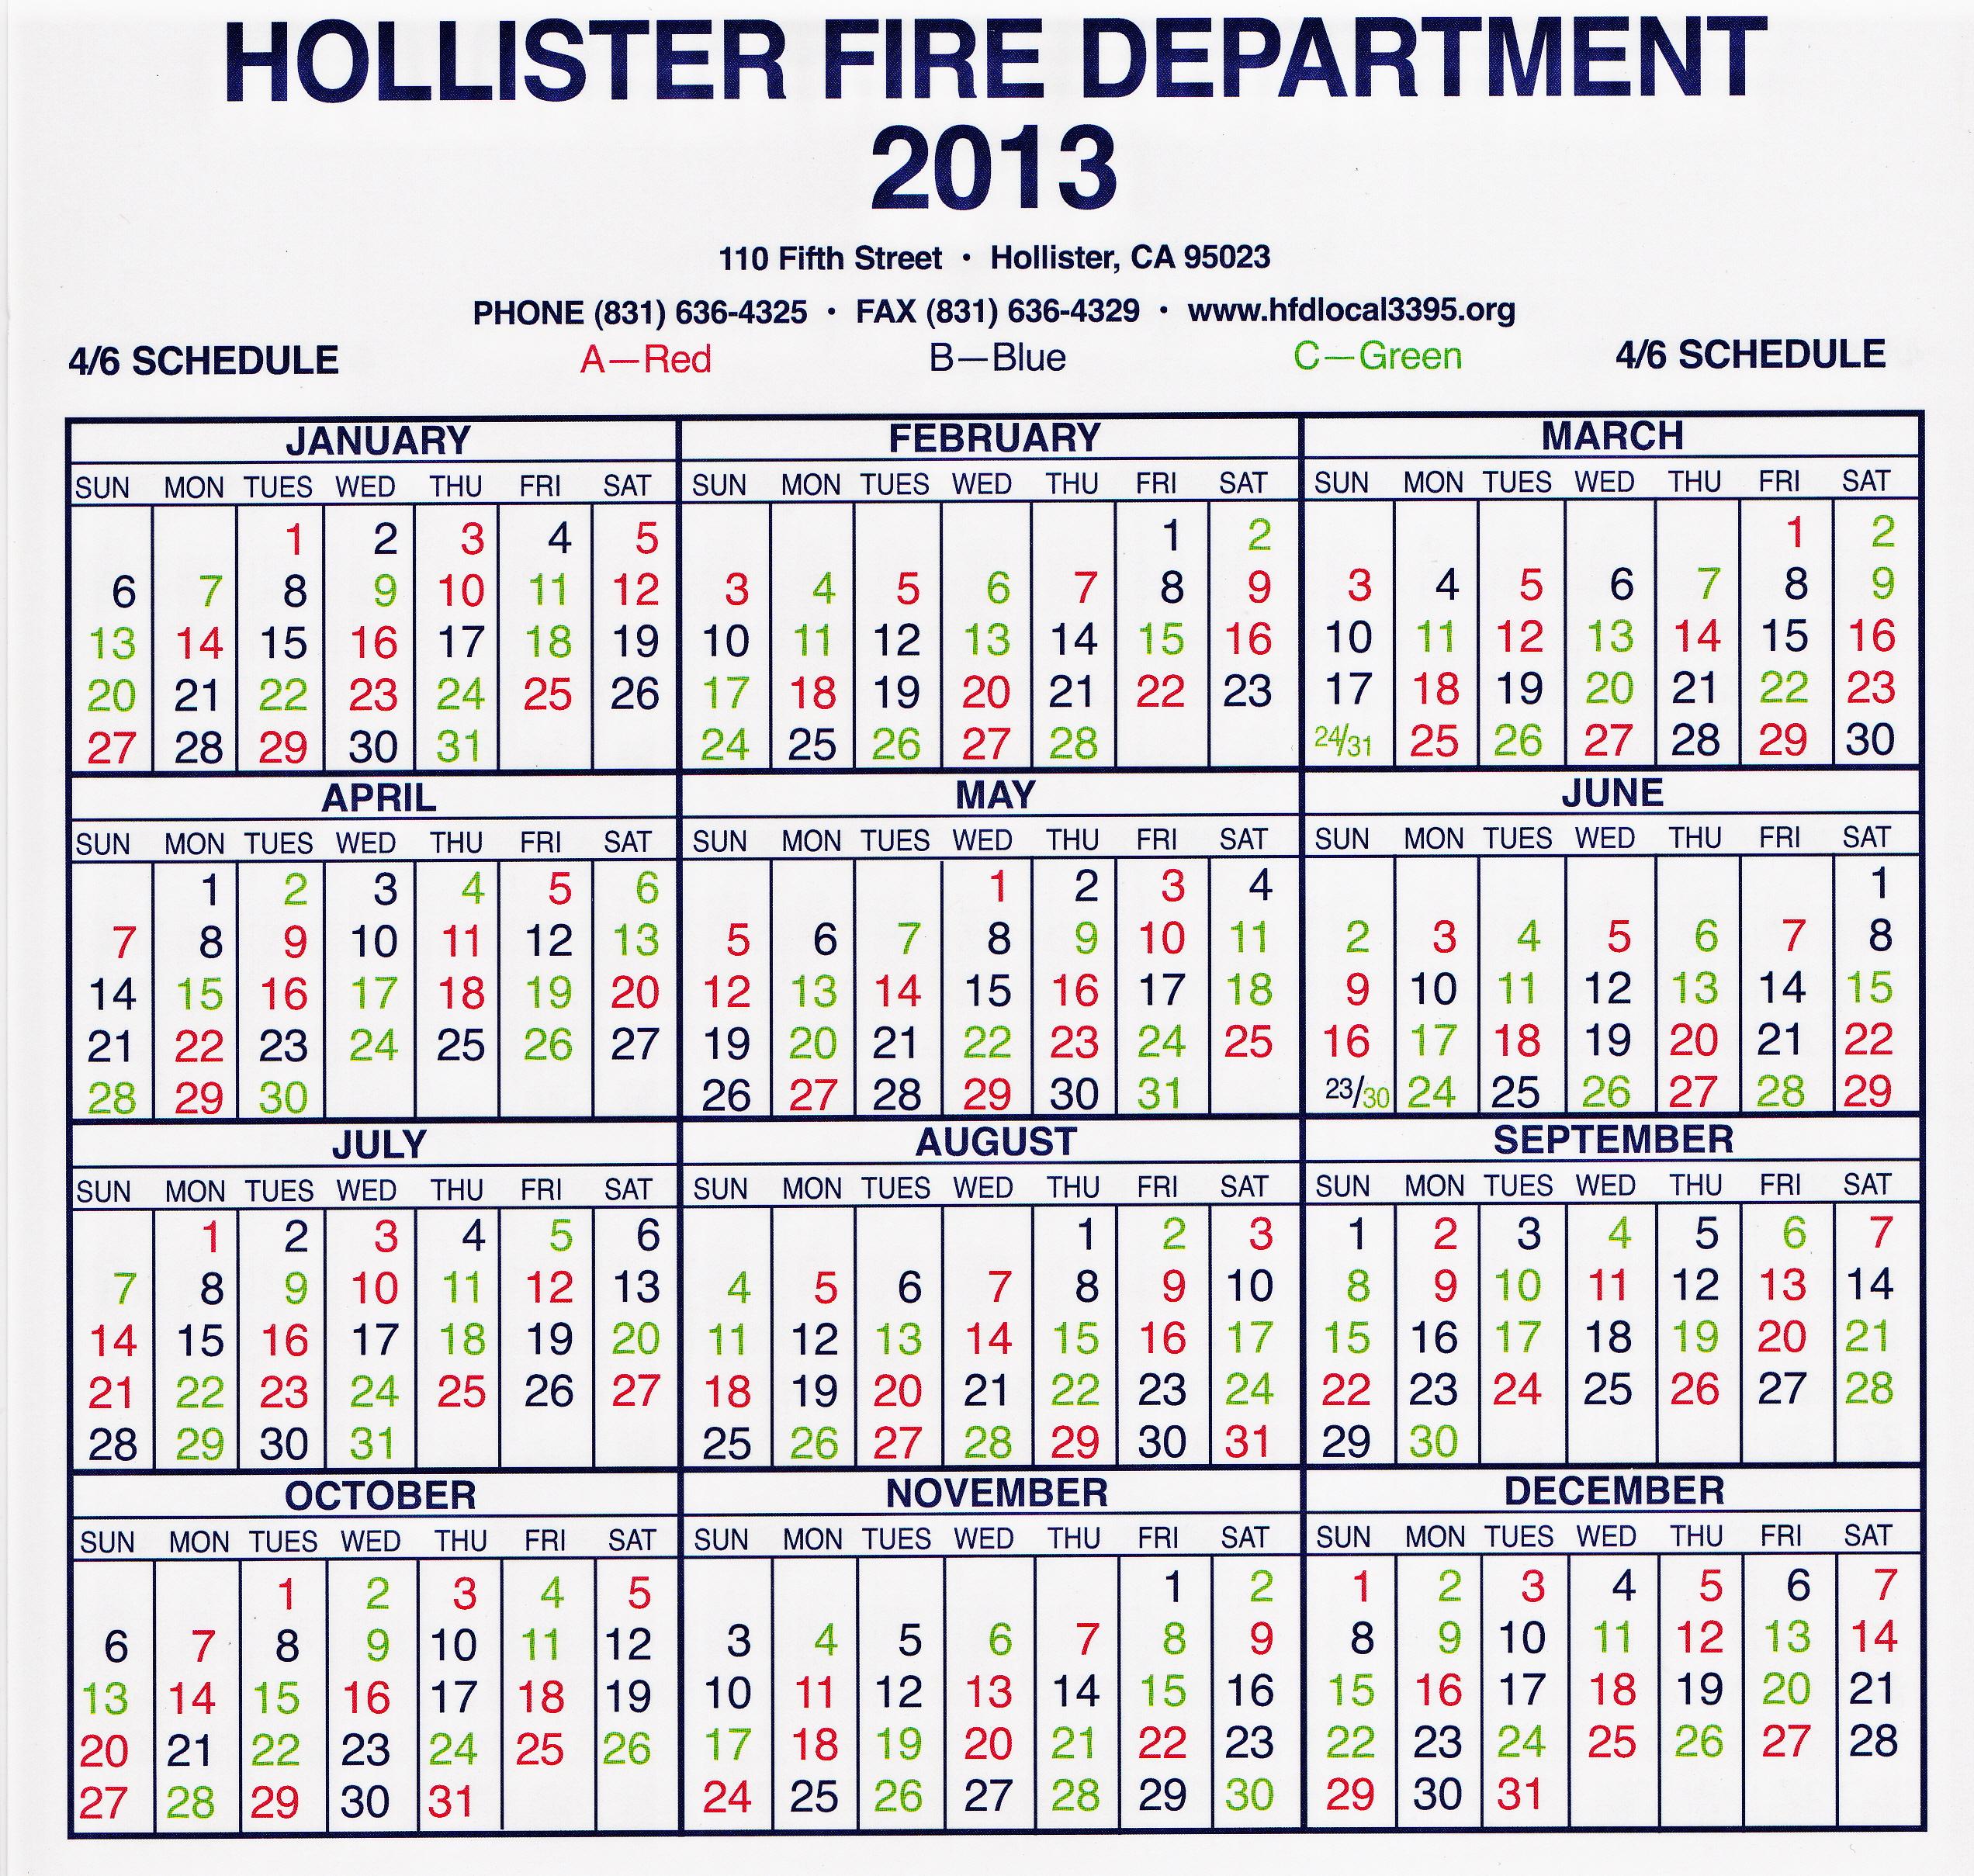 Hollister Fire Department Local 3395 - Shift Calendar Throughout Houston Fire Department Shift Calendar